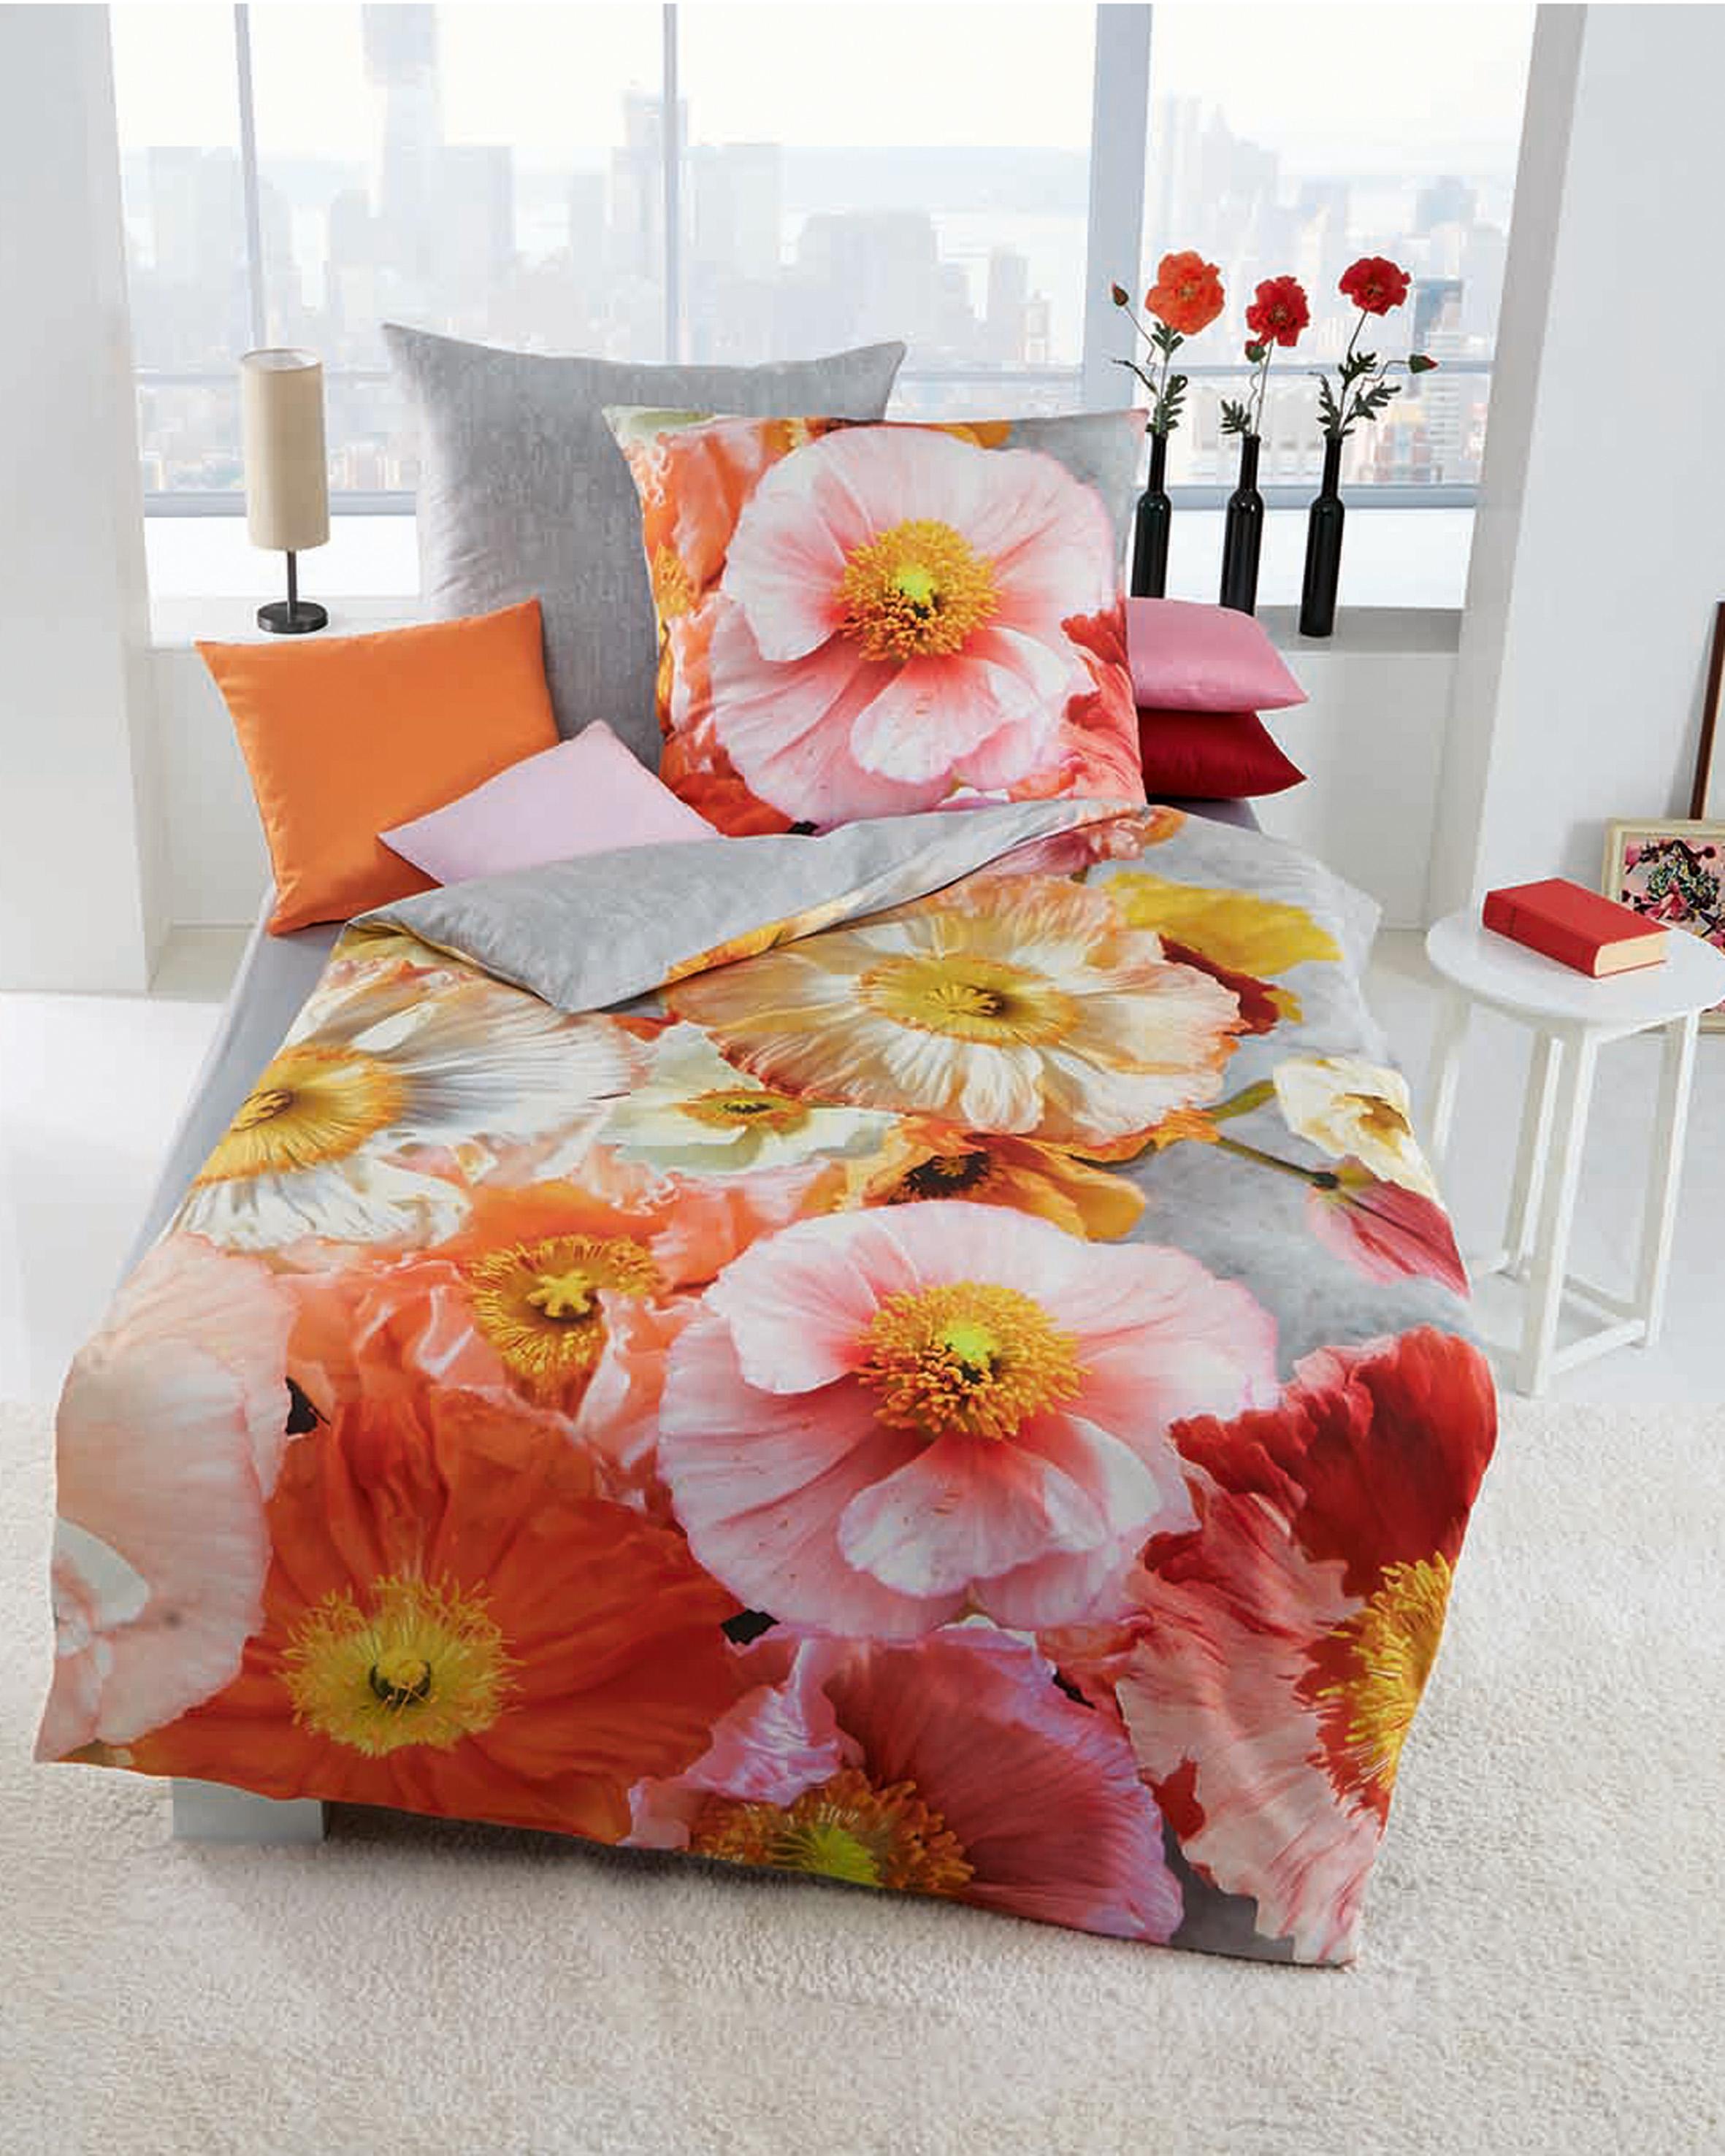 bettw sche 135x200 cm mako satin 861 609 silber von kaeppel kaufen bei betten krebs gelnhausen. Black Bedroom Furniture Sets. Home Design Ideas